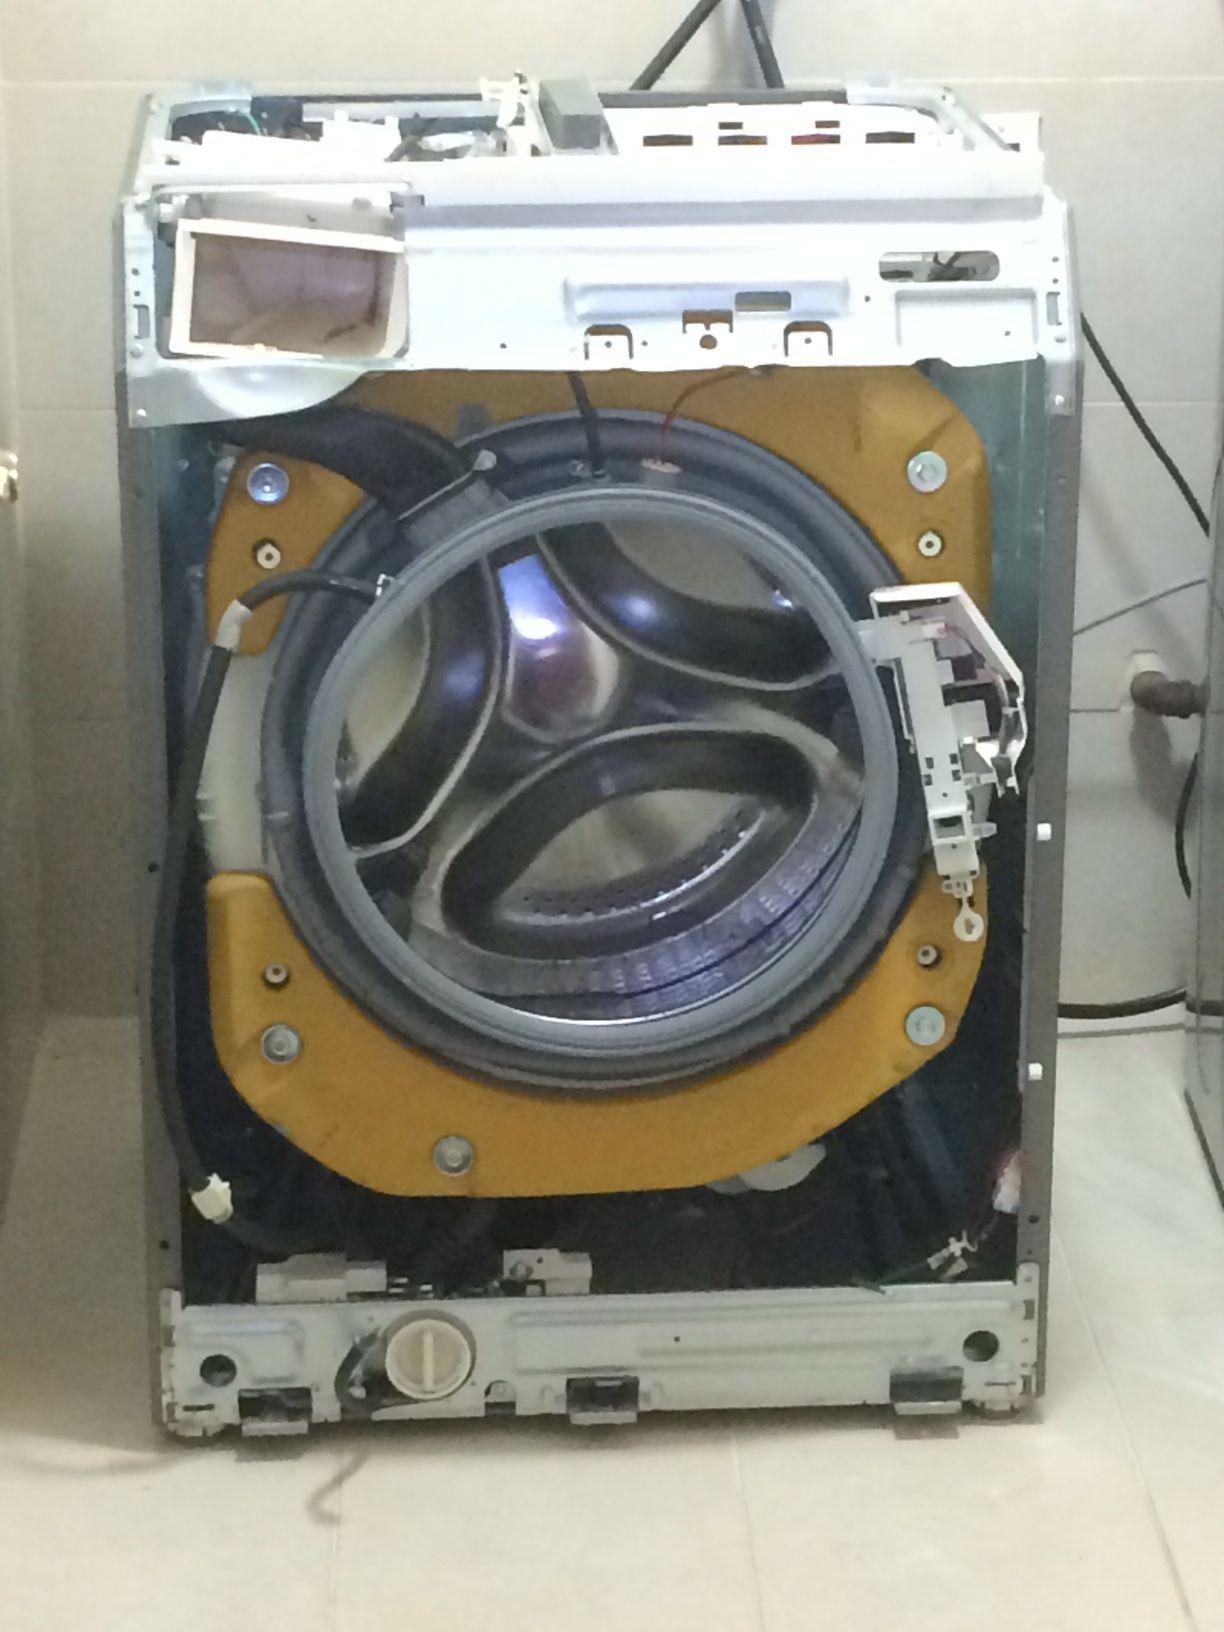 Thursday Washing Machine Repair Dryer Repair Appliance Repair